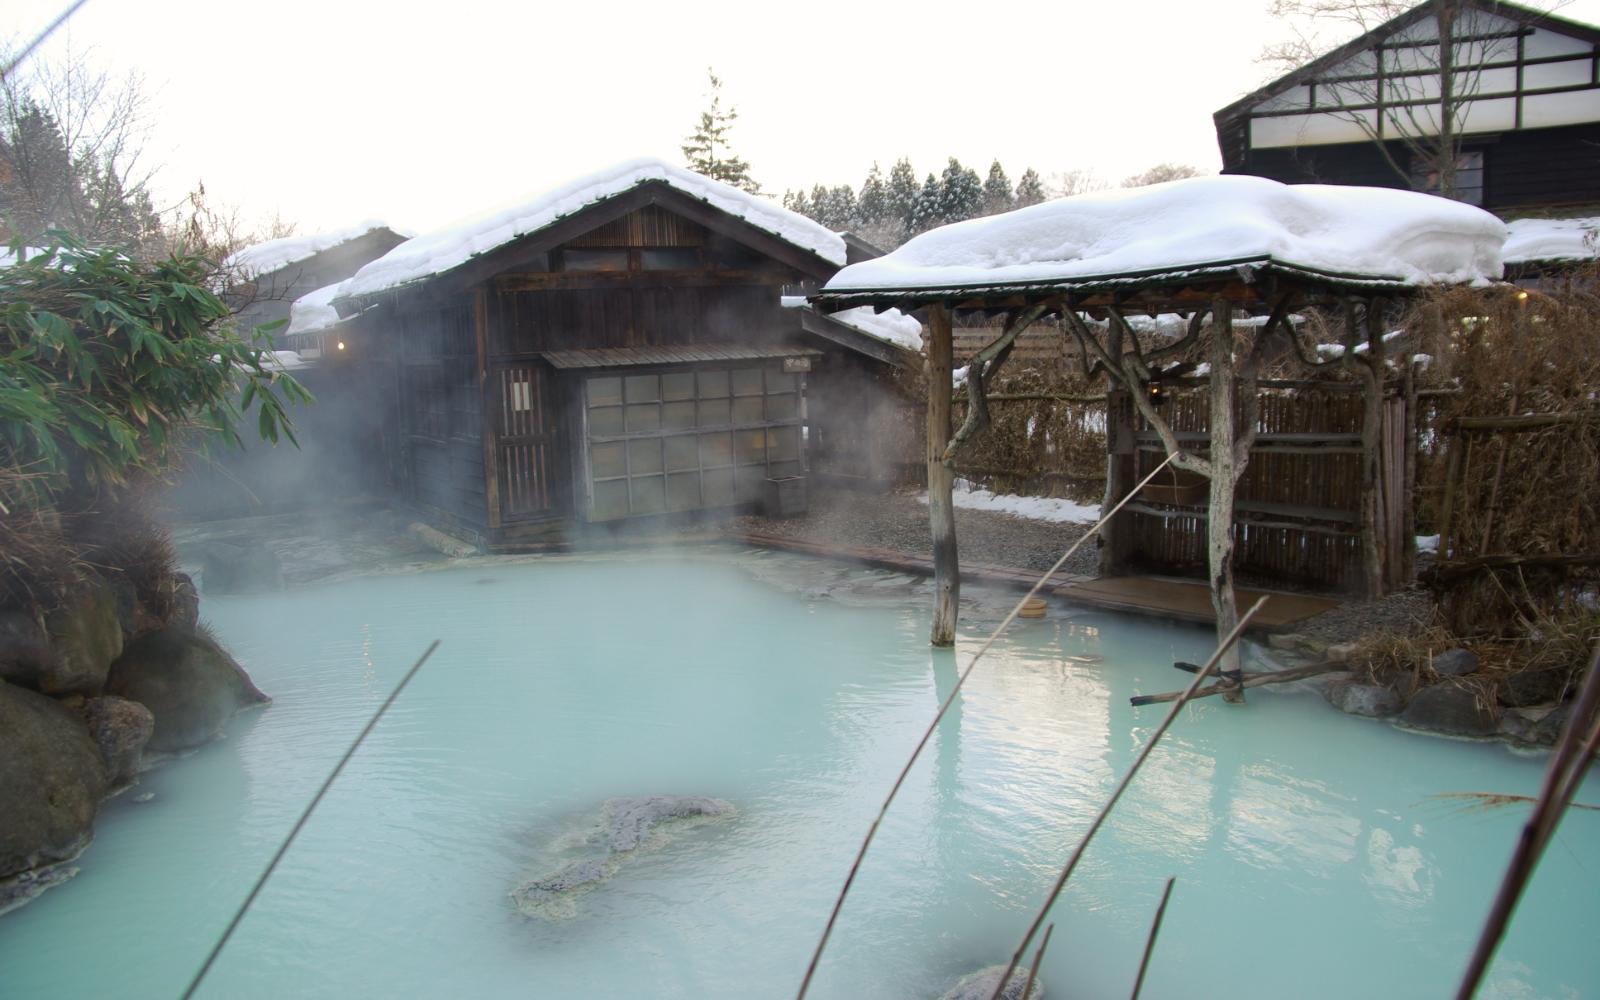 Tsurunoyu Onsen in Semboku, Akita, Japan.